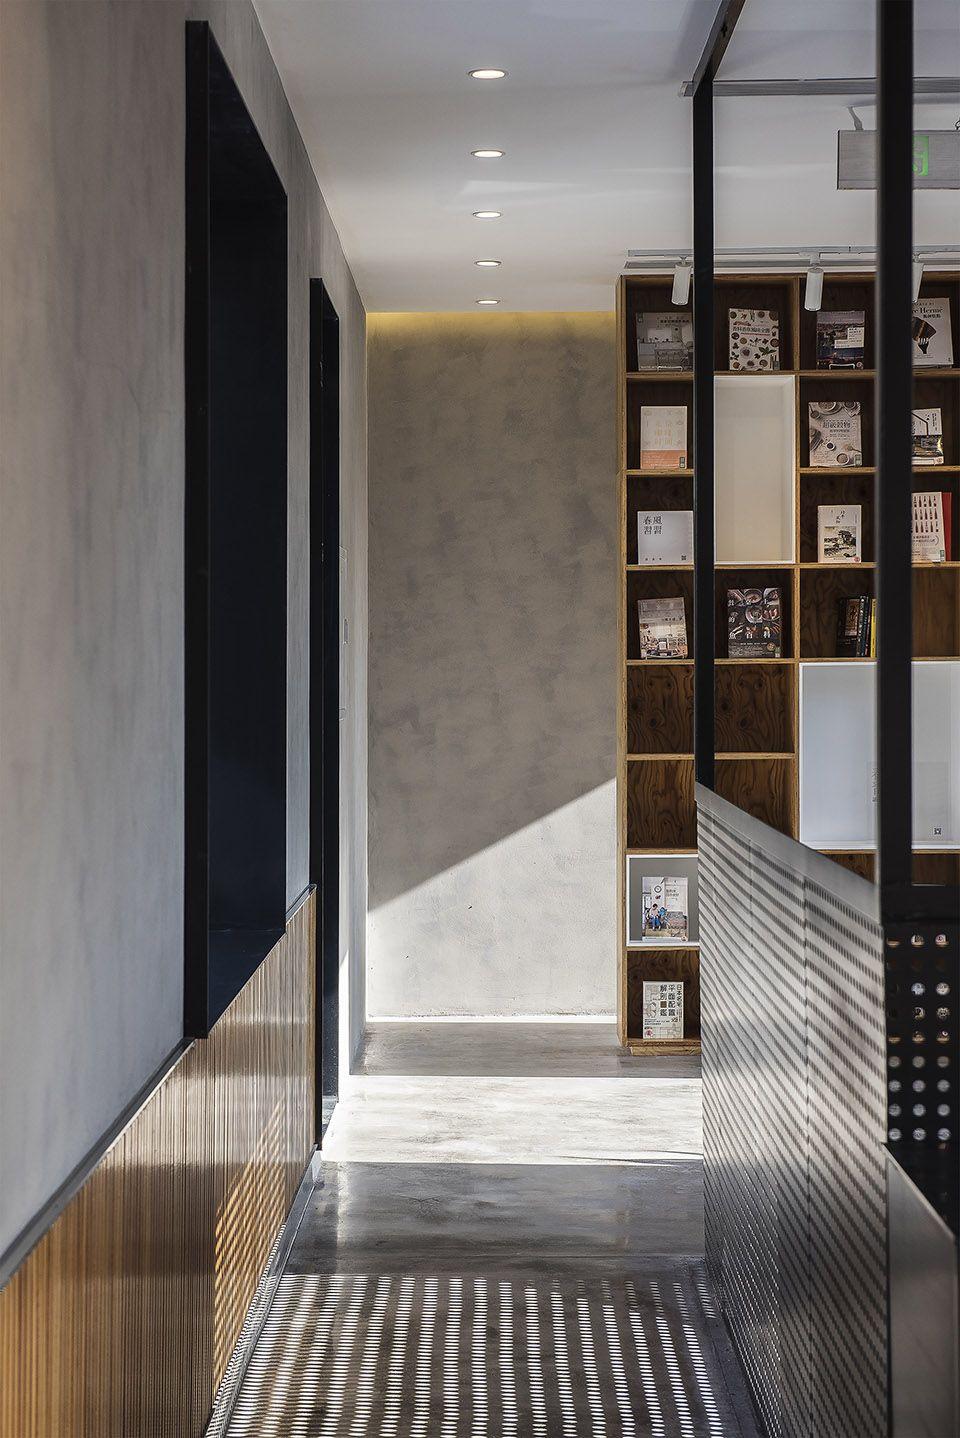 前门老街区的一部清亮短篇,北京微风市集   未来以北工作室 未来以北工作室 - 19